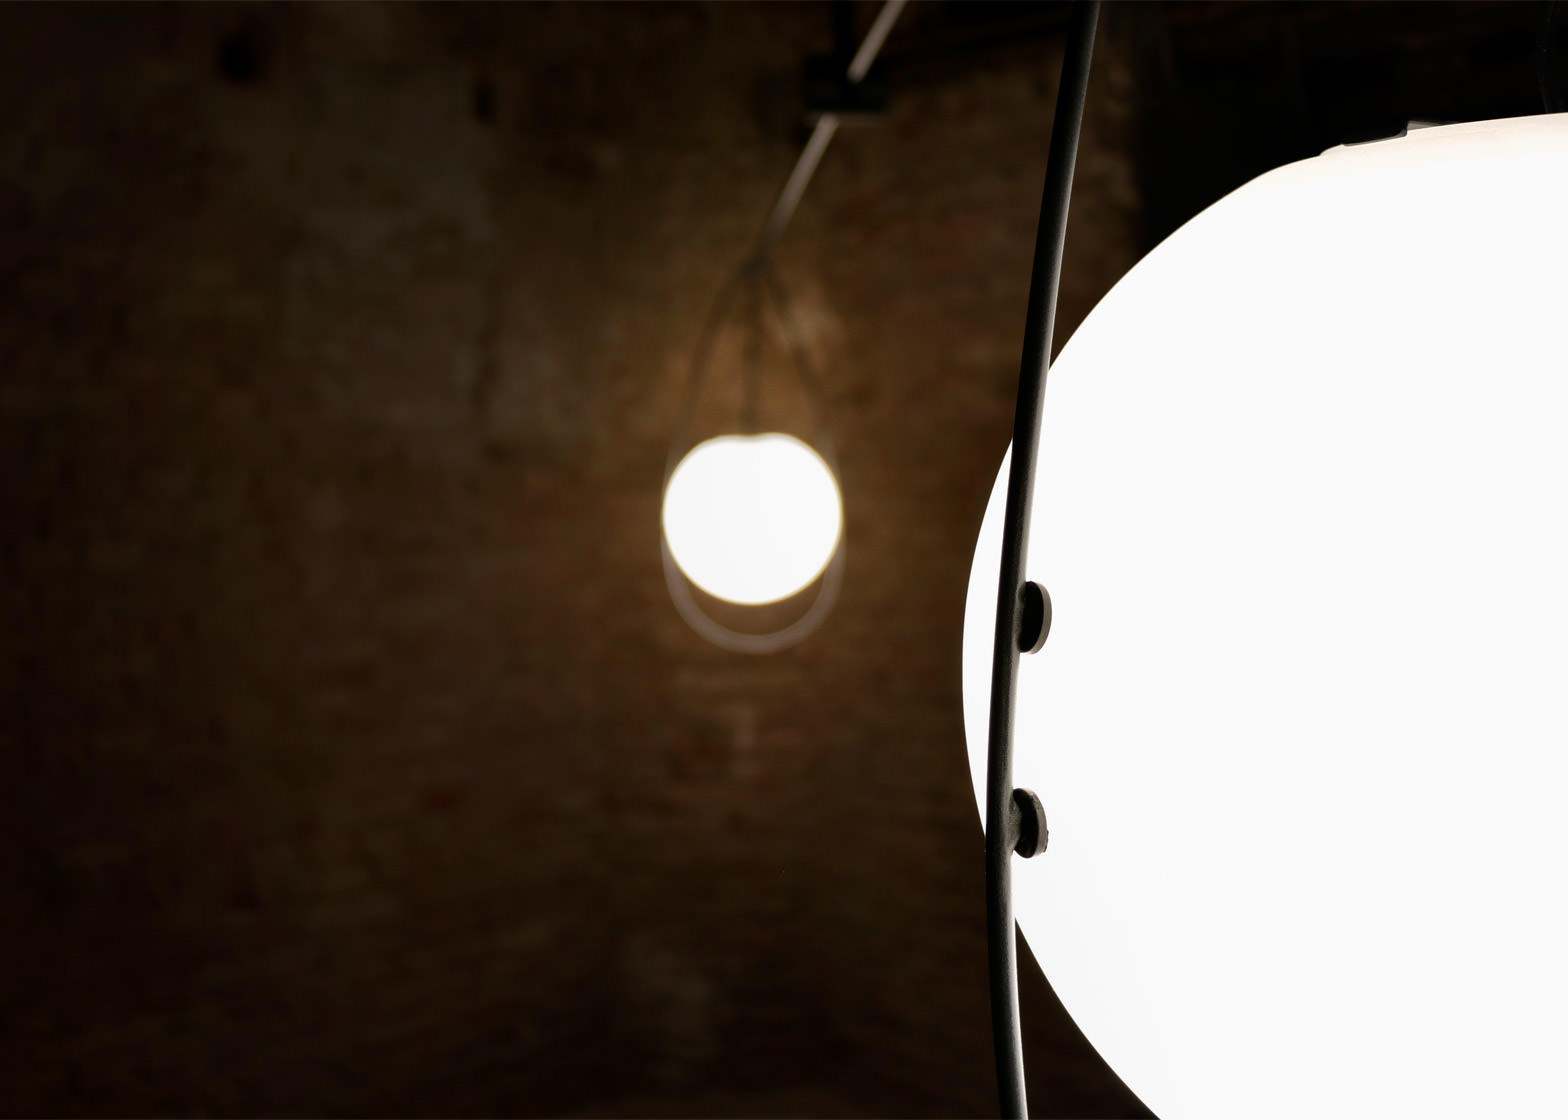 equilumen-mischer-traxler-light-distribution-glas-sphere-design-lighting-motion_dezeen_1568_1